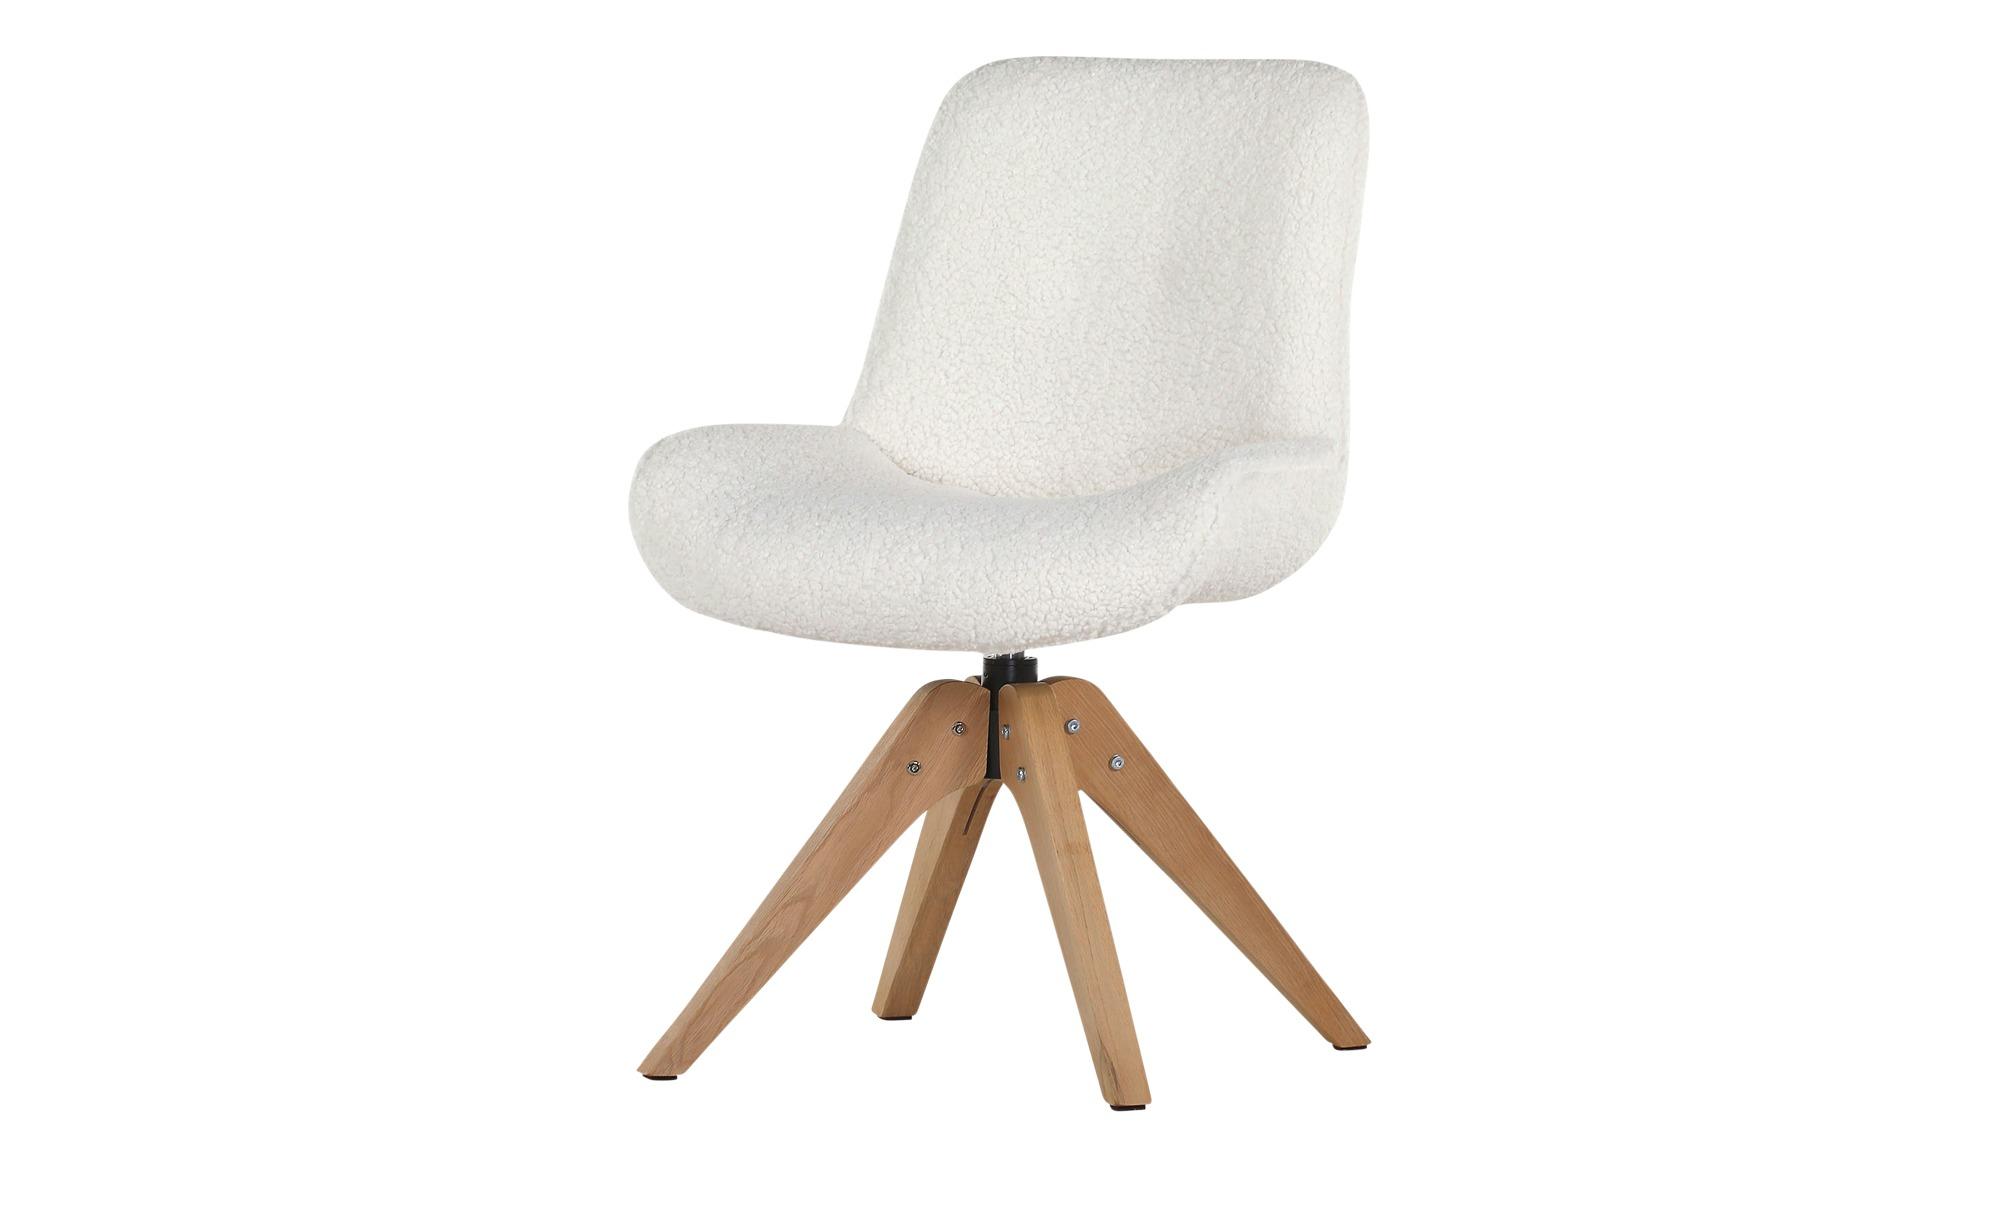 Drehsessel   Cotton ¦ weiß Stühle > Küchenstühle > Küchenstühle mit Armlehnen - Höffner